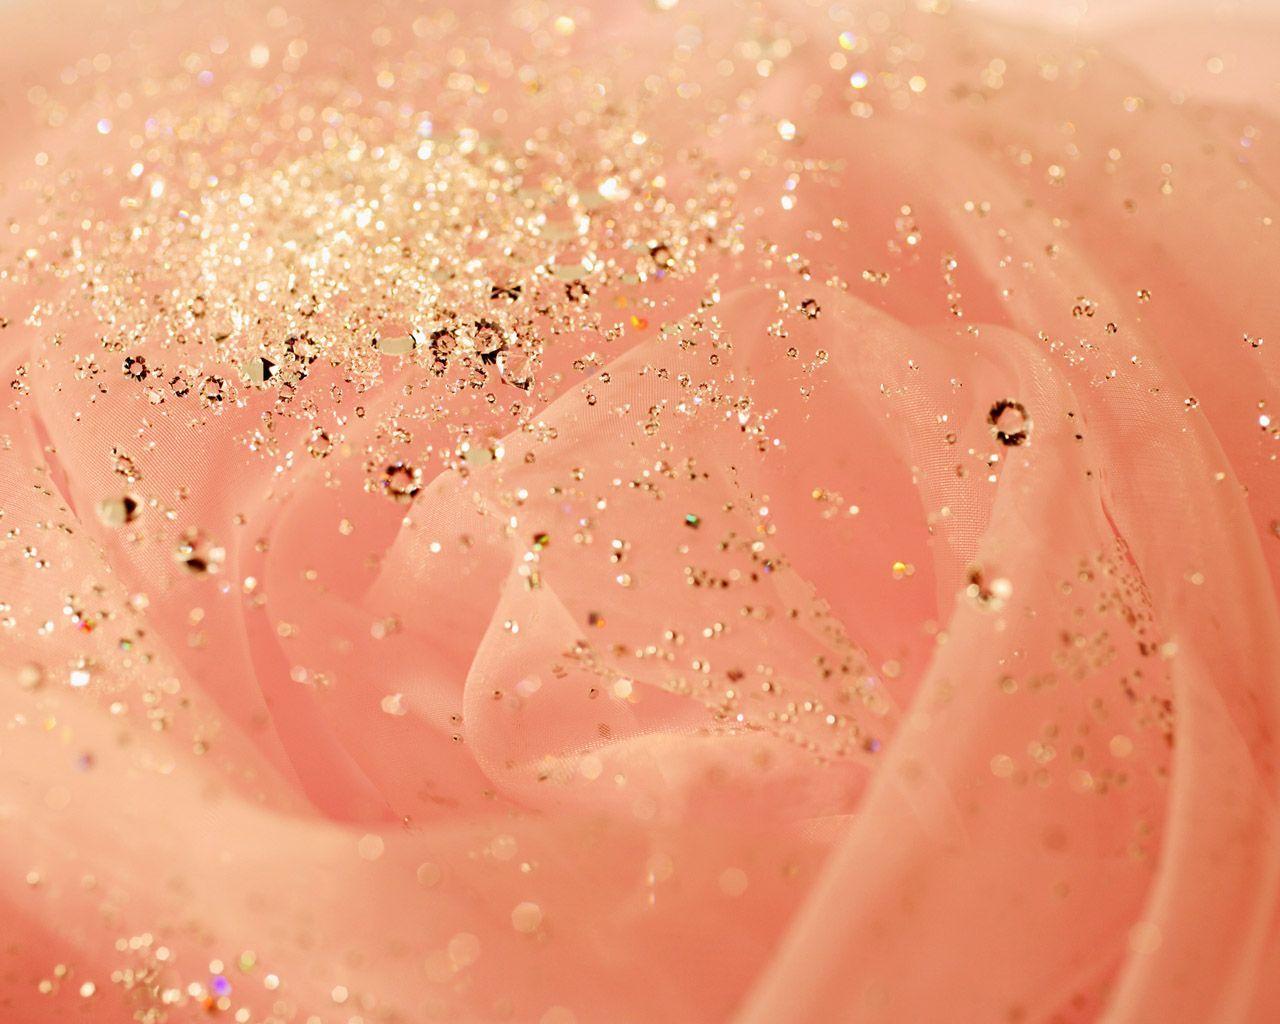 Pink And Gold Glitter Iphone Wallpaper: Glitter Desktop Wallpapers - Wallpaper Cave